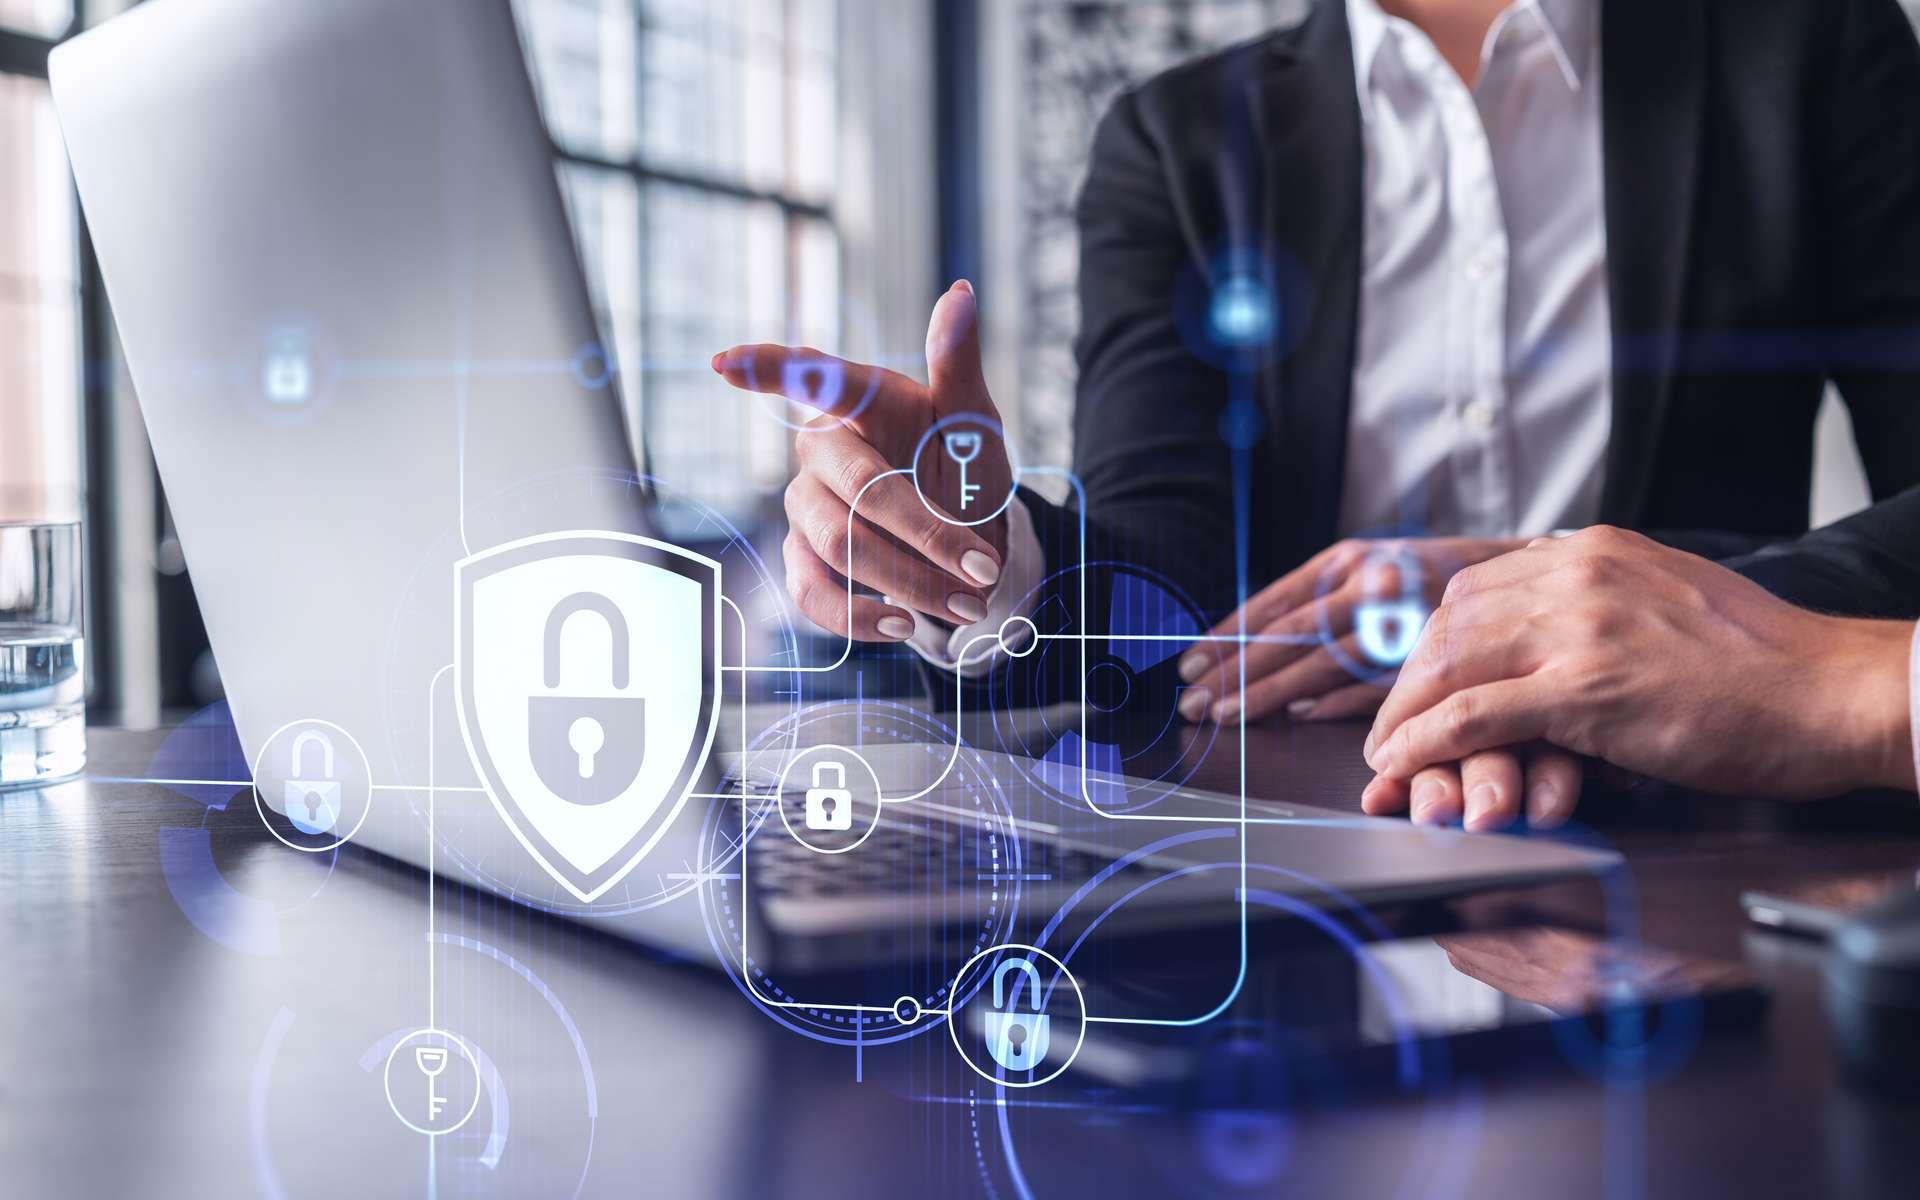 L'open data est à la fois une pratique de publication des données numériques et une philosophie d'accès et de partage de l'information. © Adobe Stock, VideoFlow